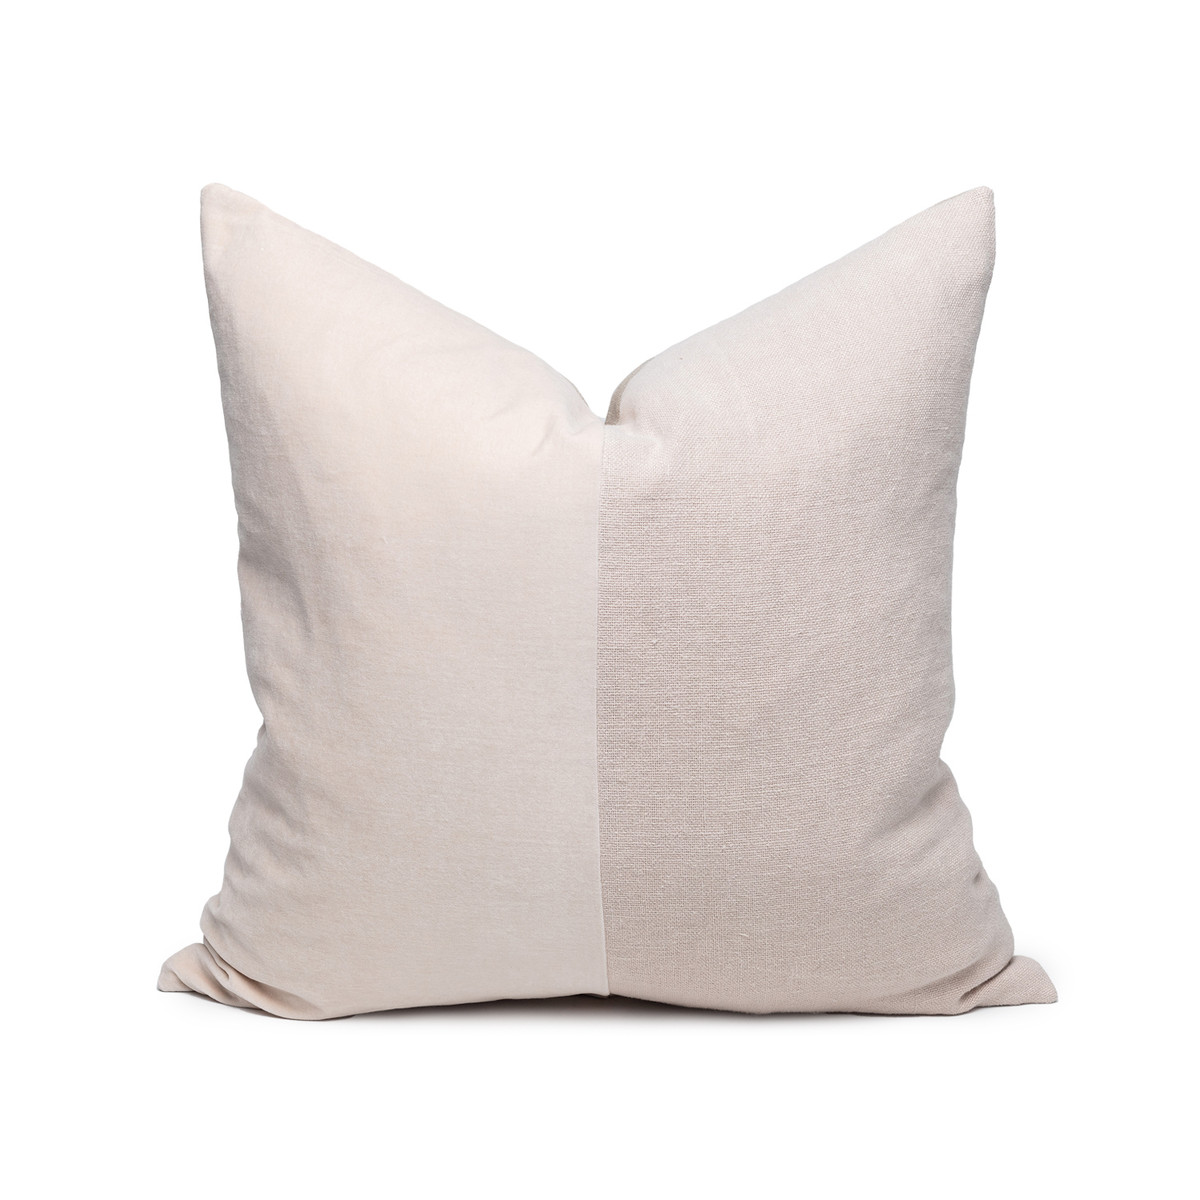 Carre Blush Velvet Pillow - Front